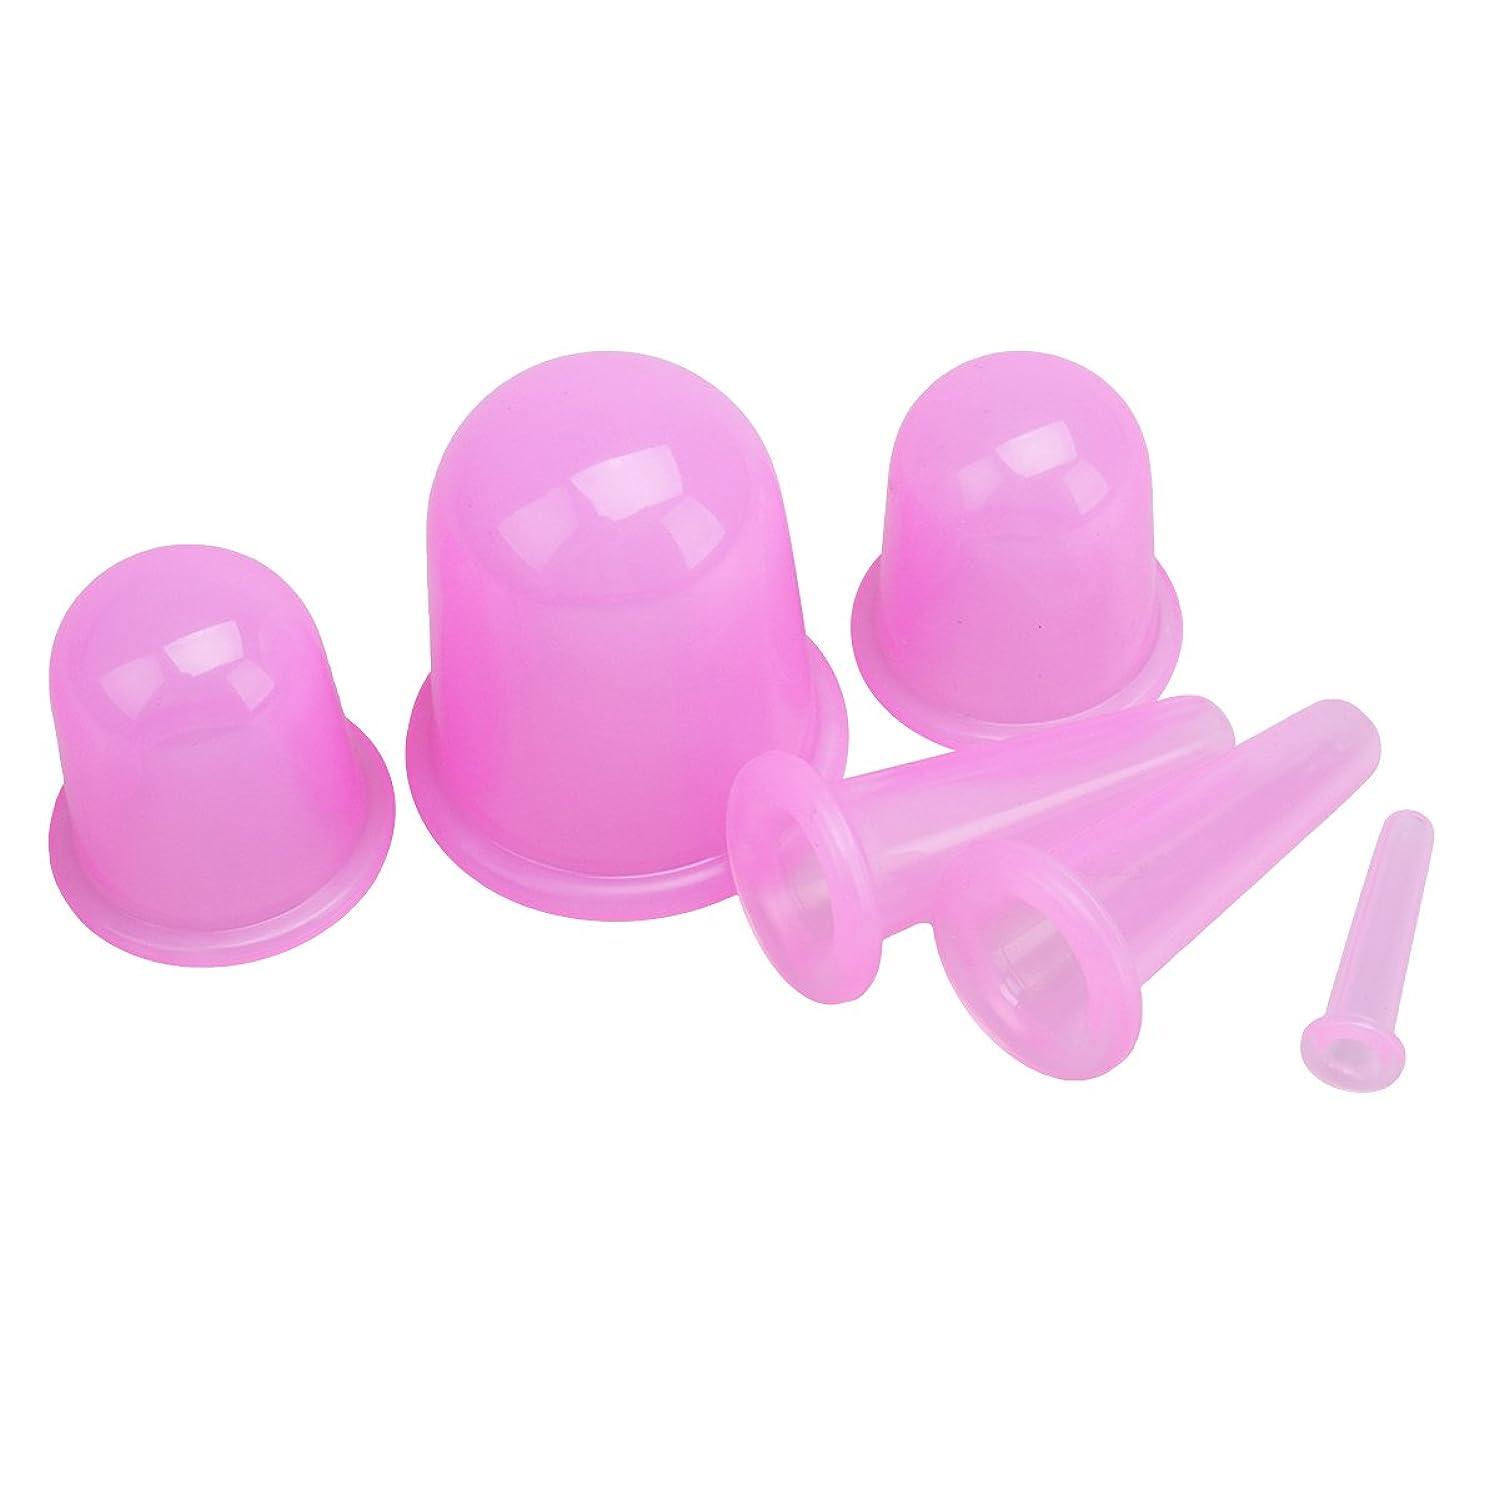 計画に関してトランクHealifty 吸玉 真空 カッピング 吸い玉 脂肪吸引 シリコン ボディマッサージカップ 筋肉痛救済 男女兼用 6本(ピンク)